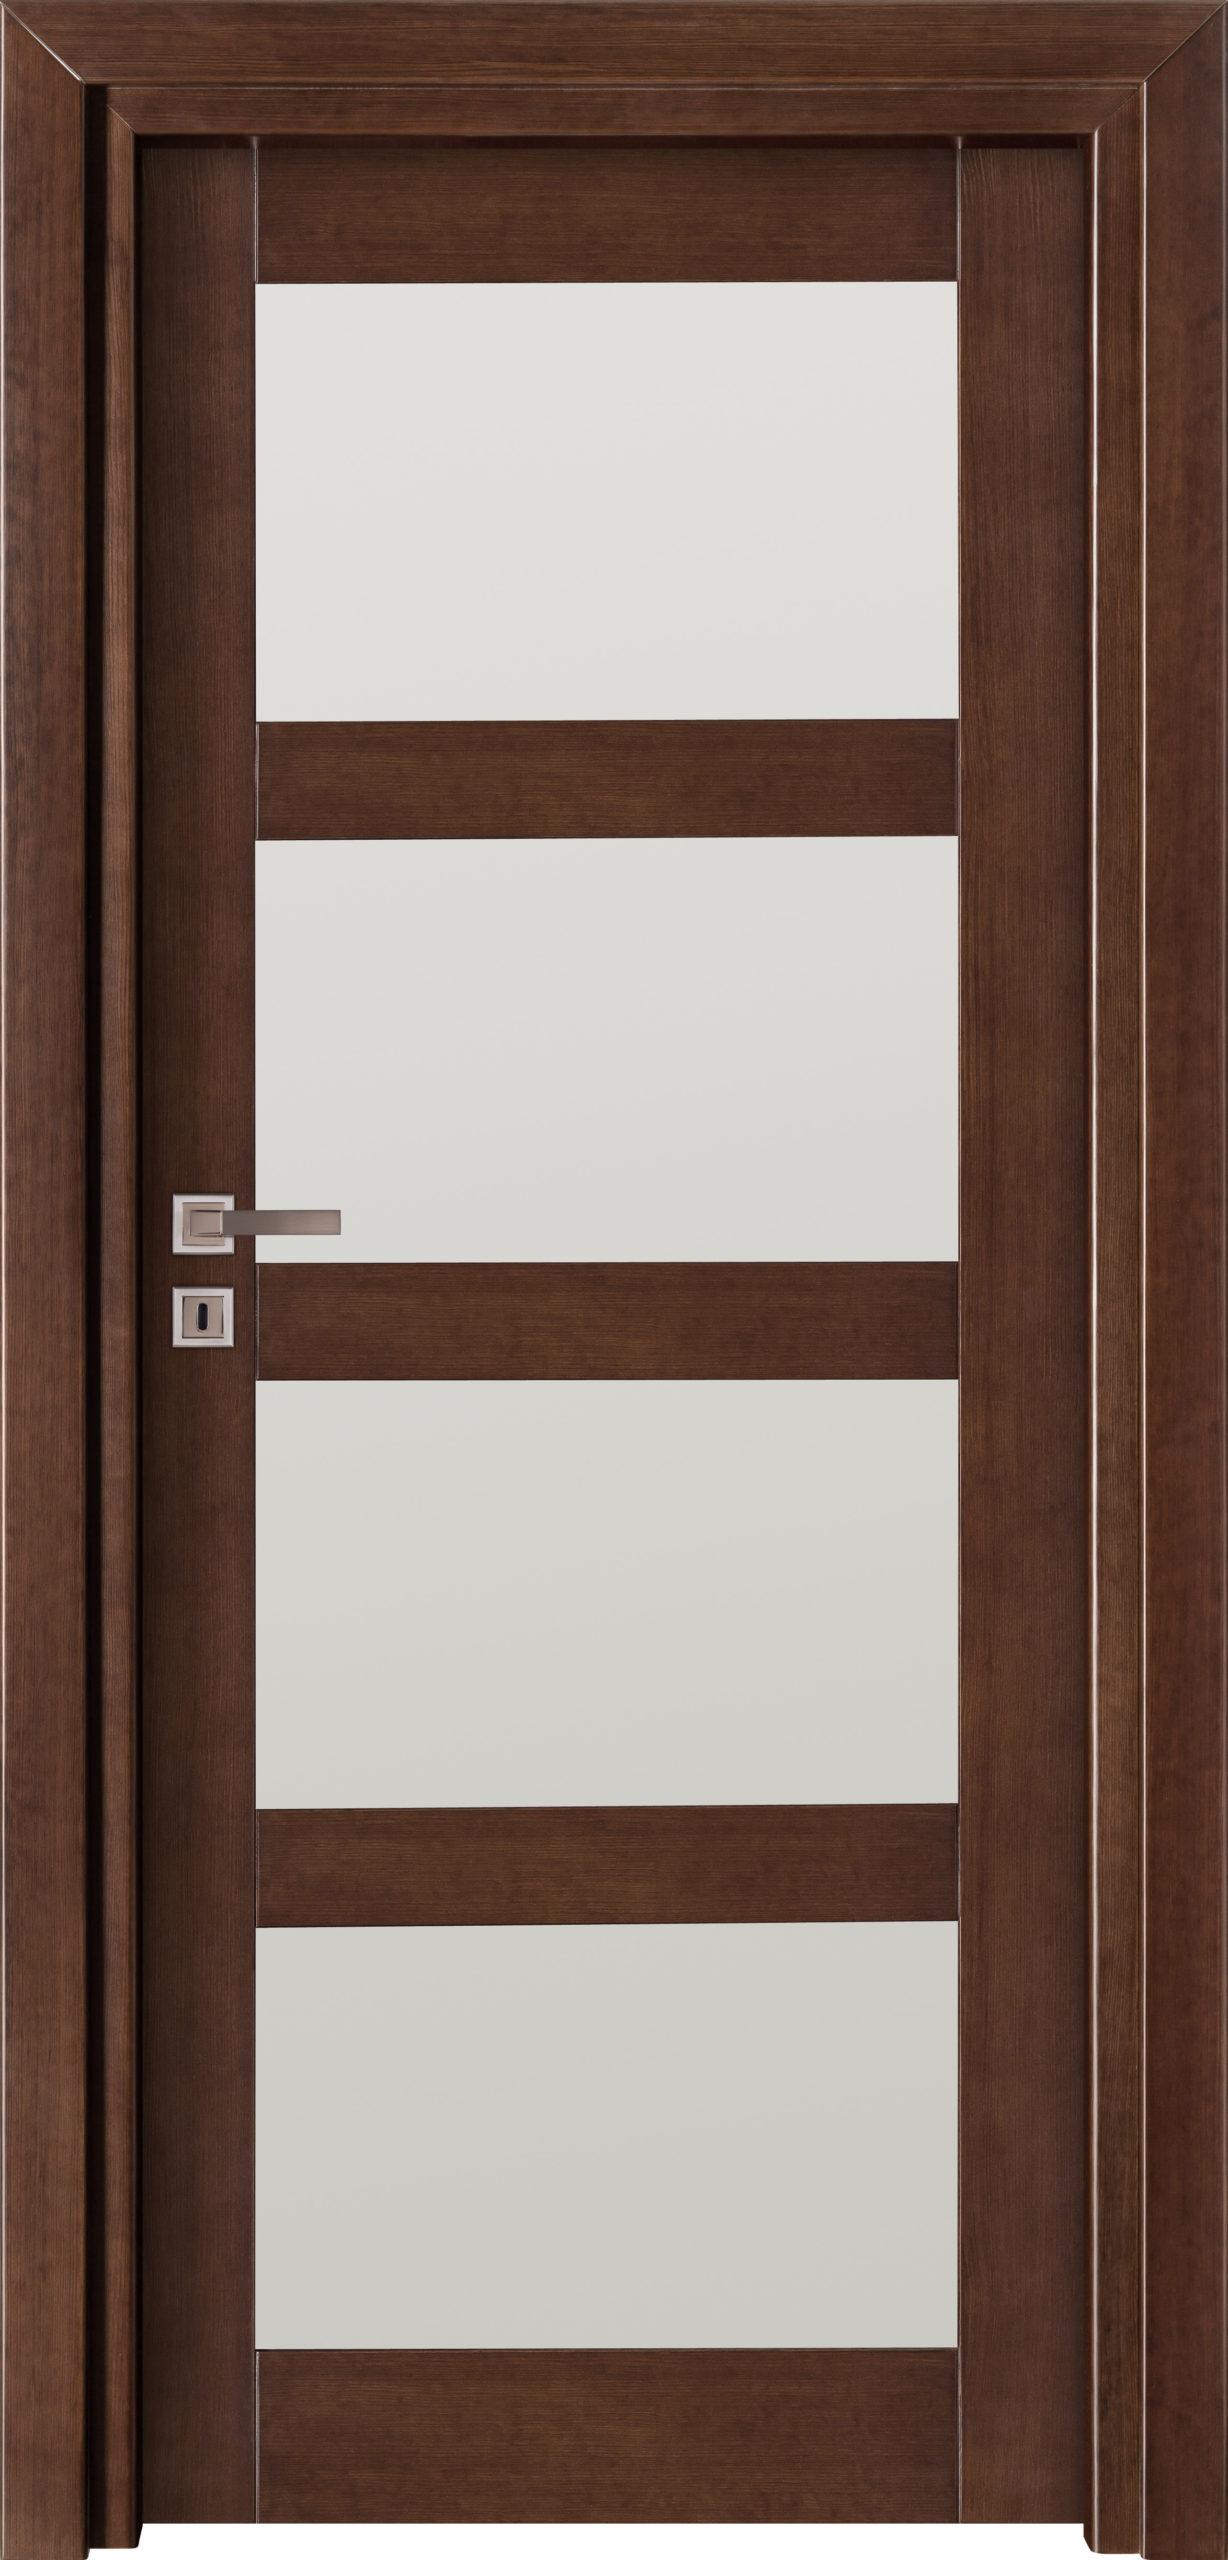 Manhattan A16 - jesion - jasny orzech - szklenie lacomat bezpieczny - ościeżnica przylgowa regulowana drewniana prosta (IIa)